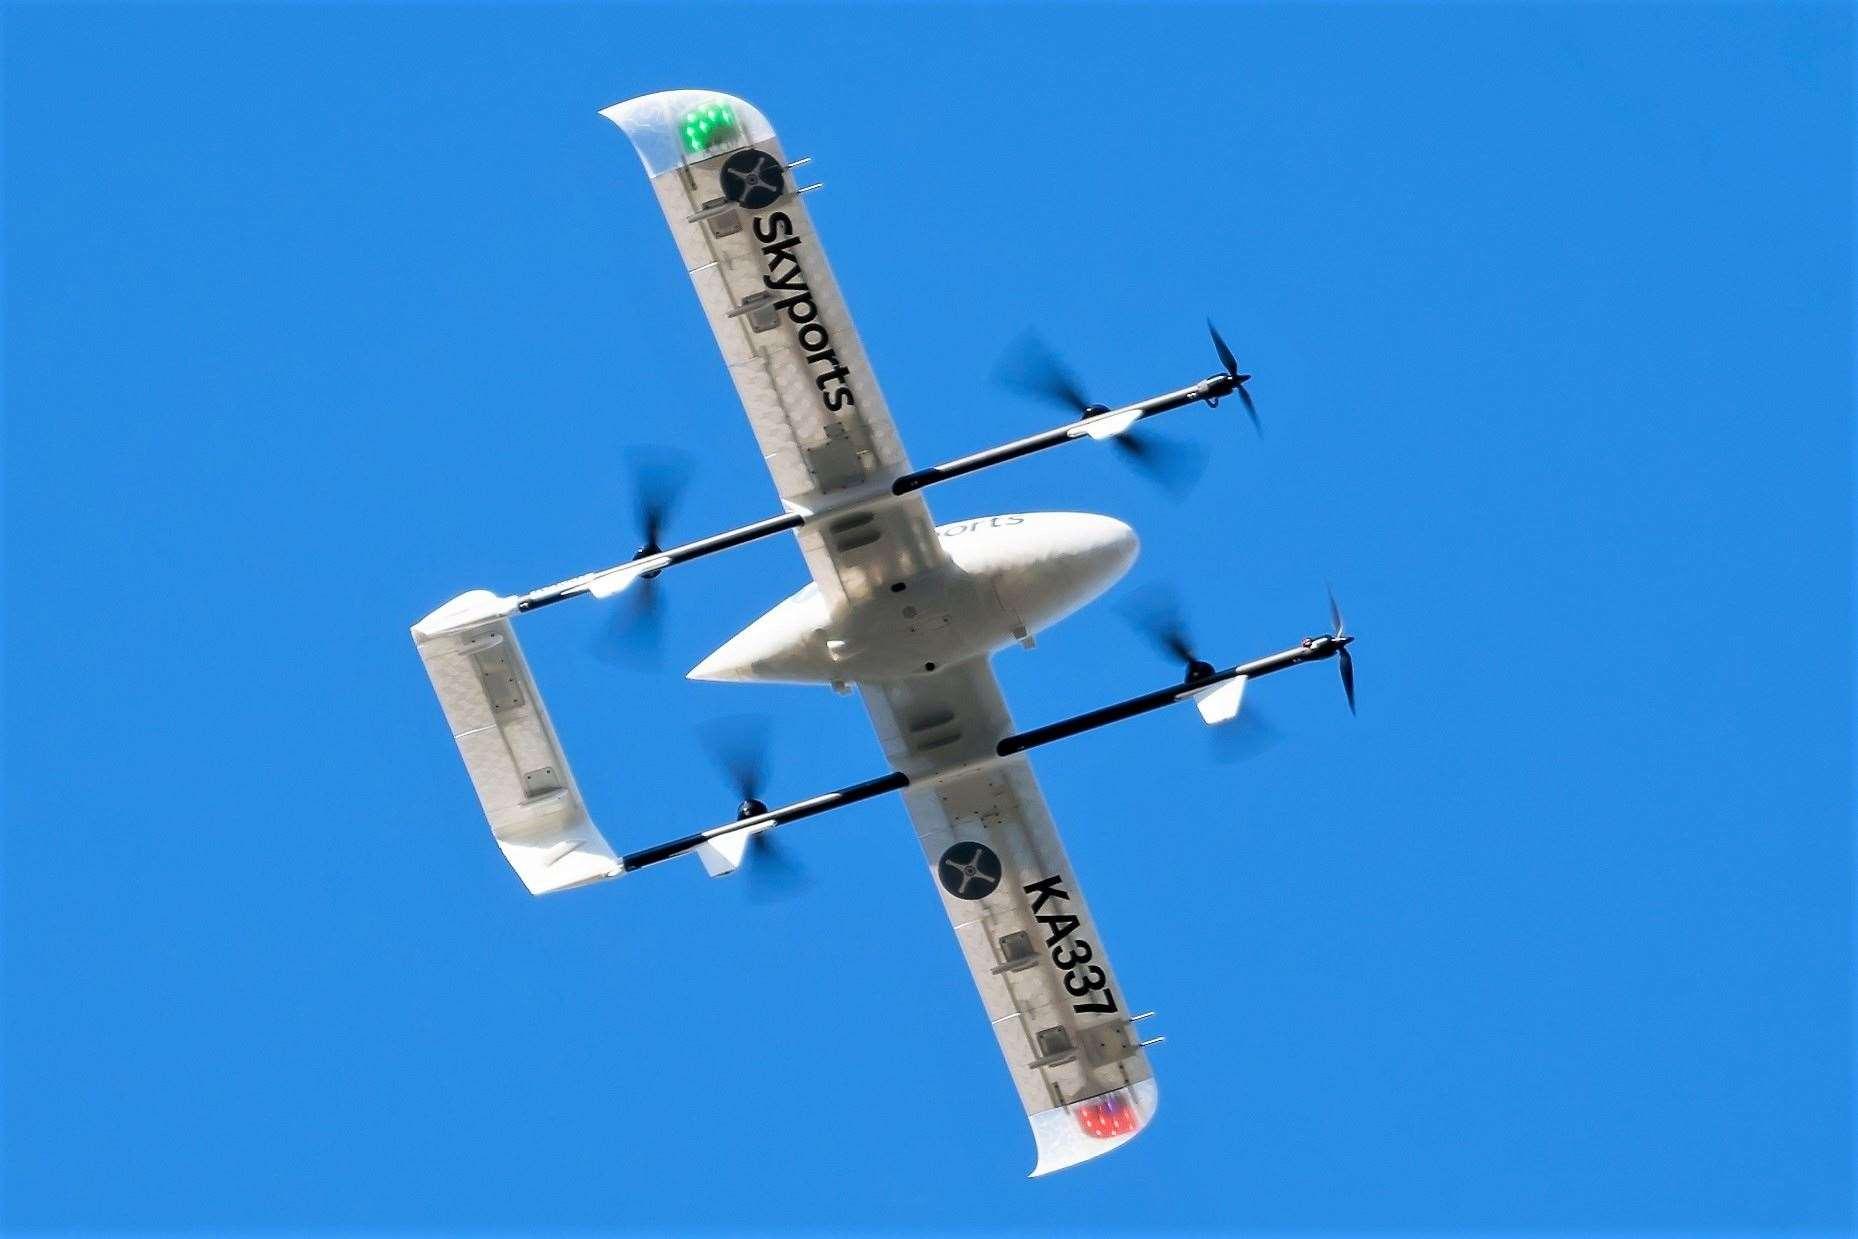 Satellite-enabled drone.  - 2GSHDUXIWQ5C3K0OM5IP - Space-powered drones could soon help NHS in Sutherland